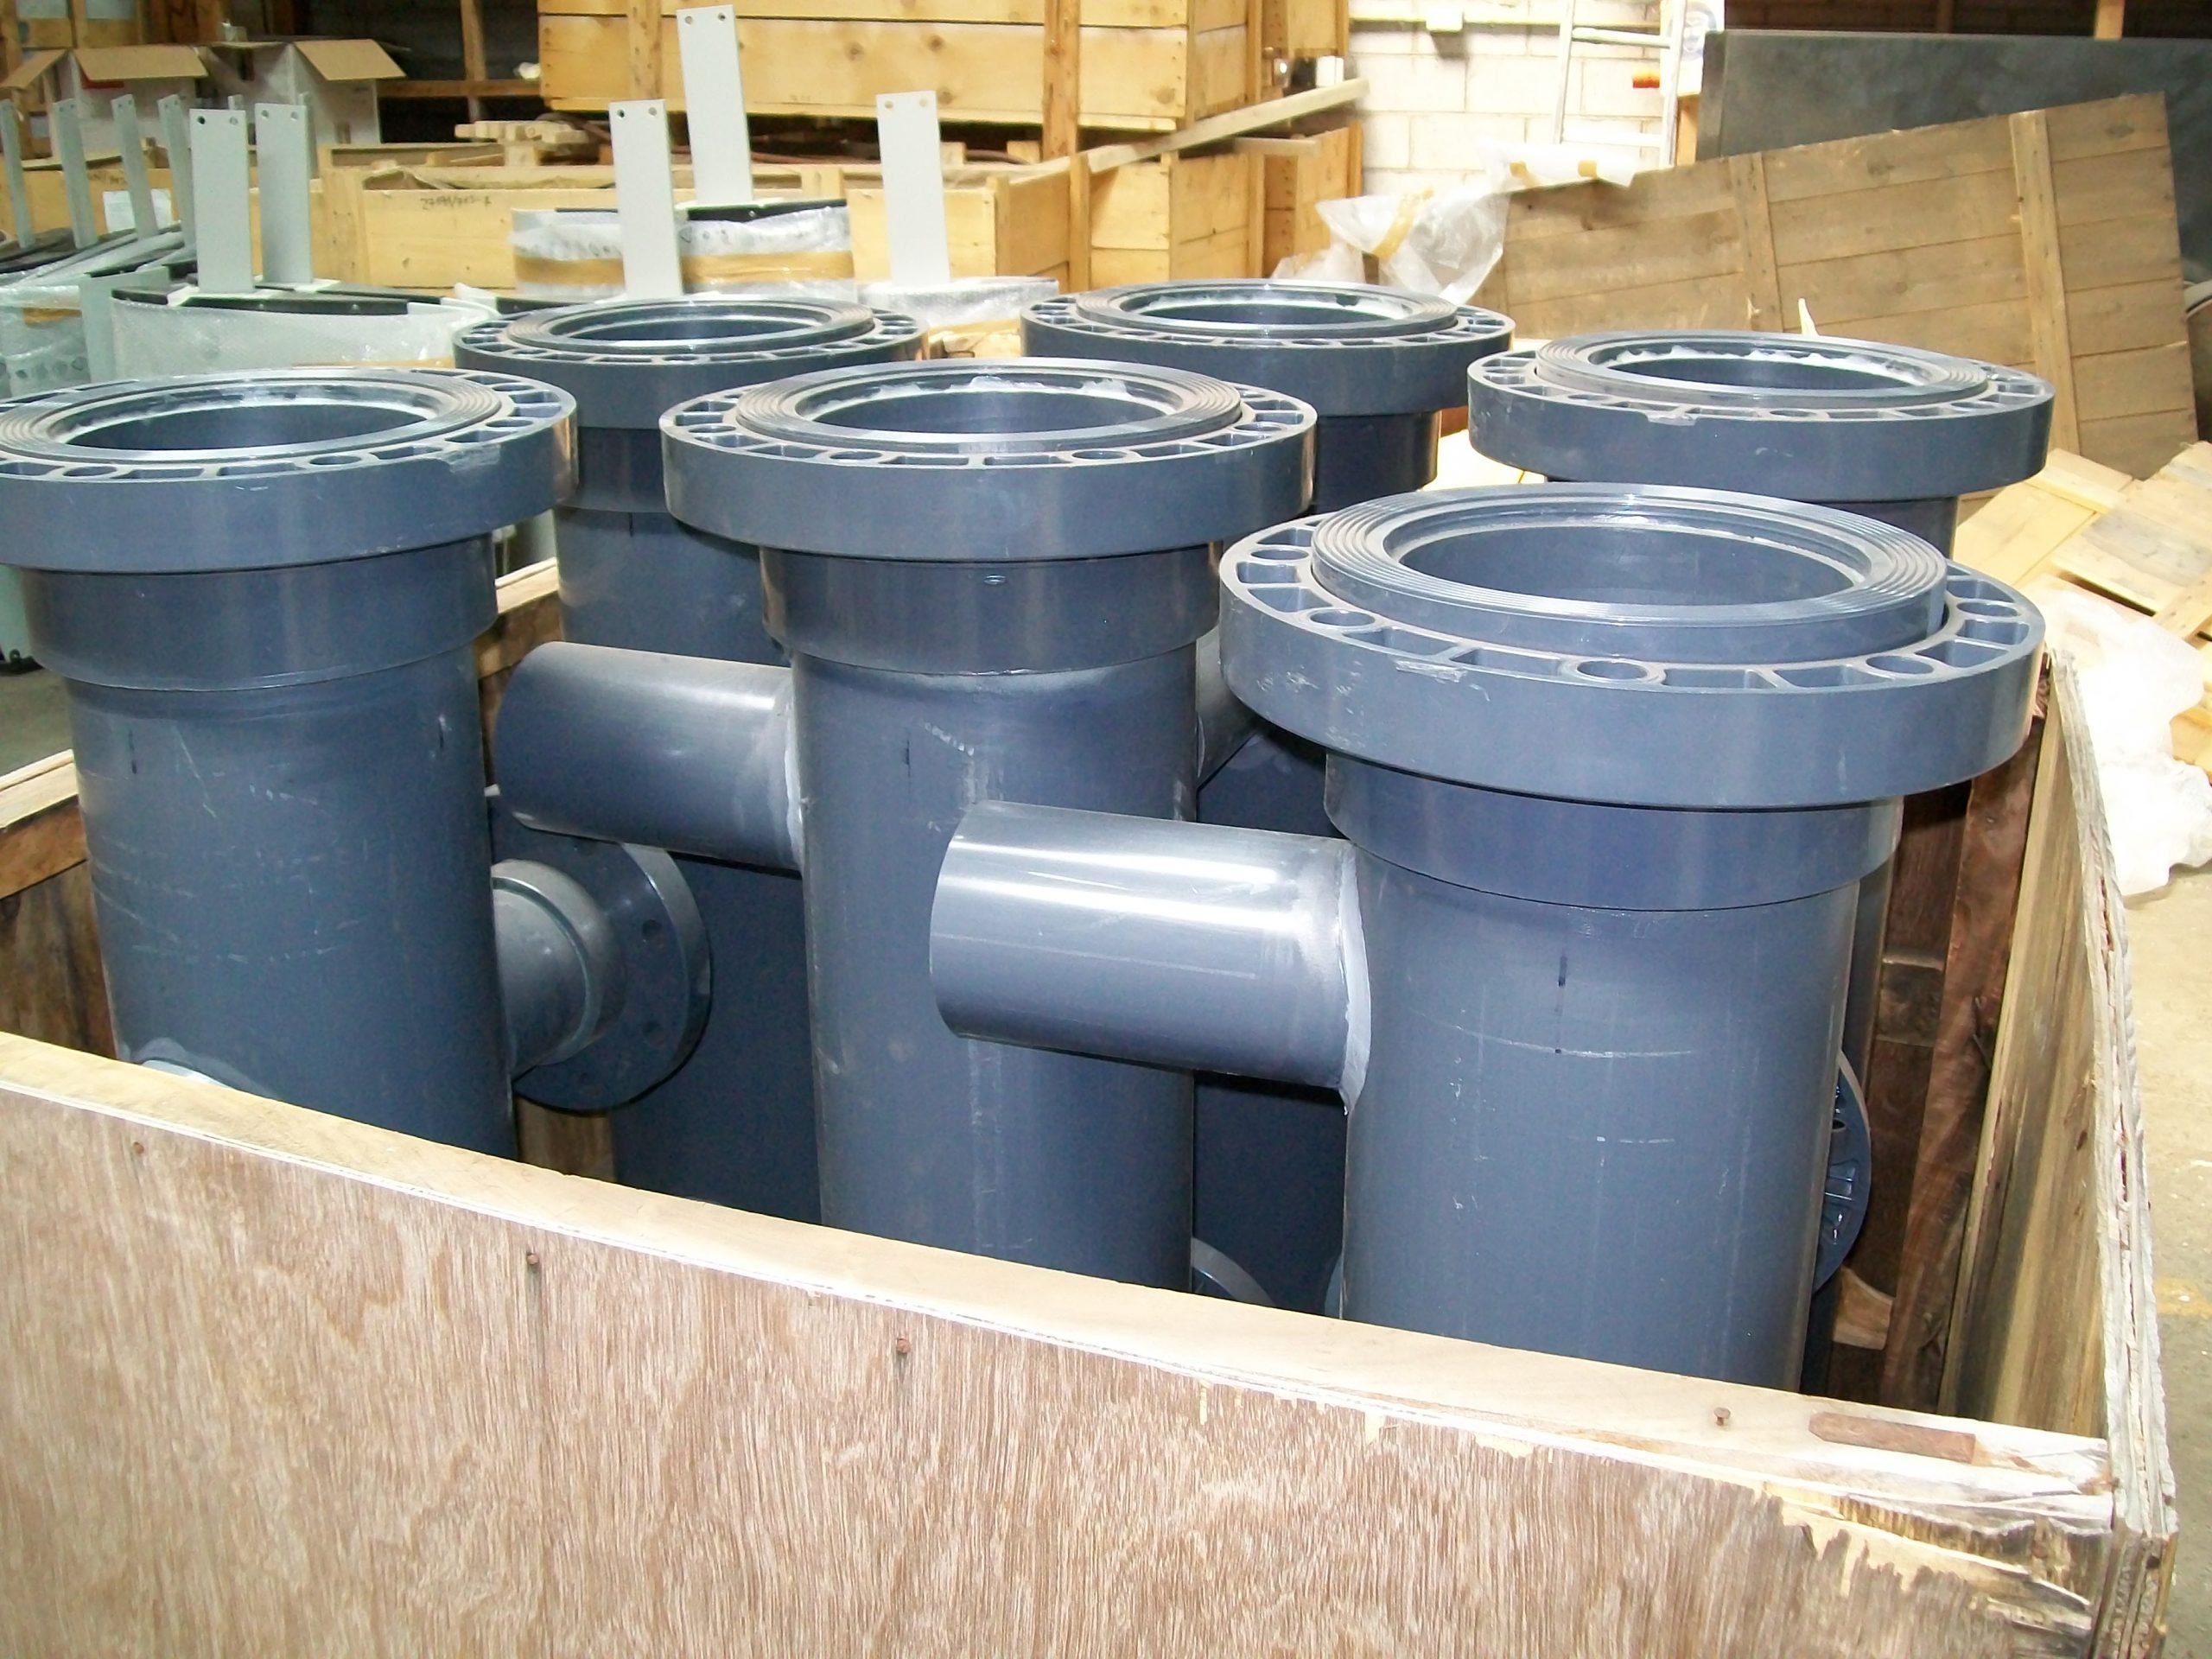 LA2494 - Pall Aust, Procurement - 200NB ABS Pipes (2009-11-26)